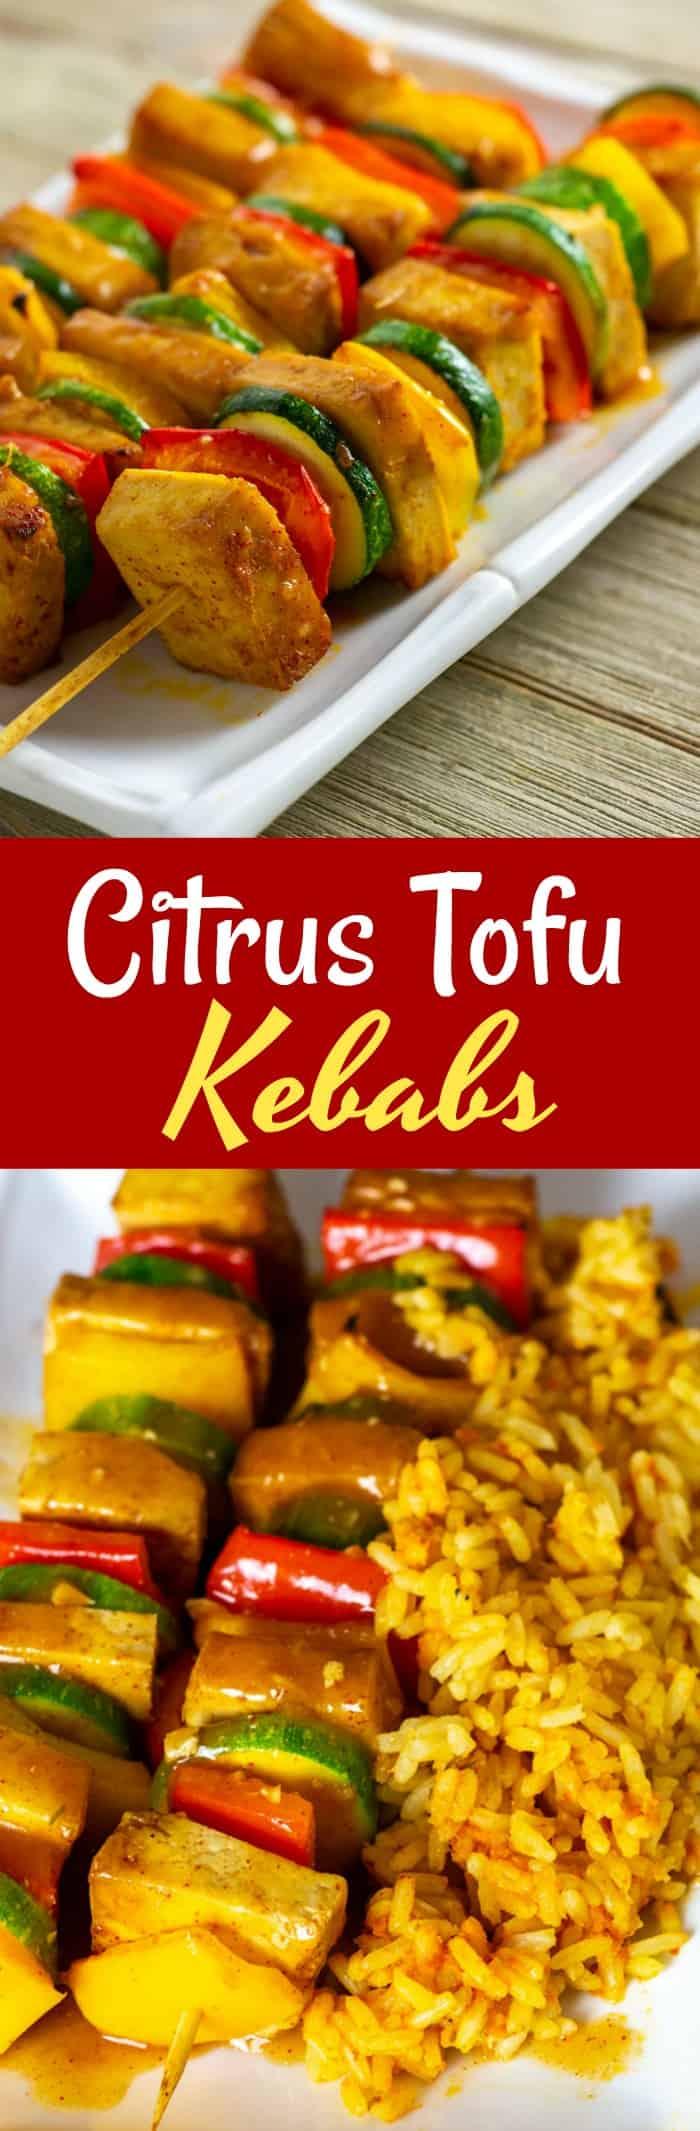 Citrus Tofu Kebab Pin